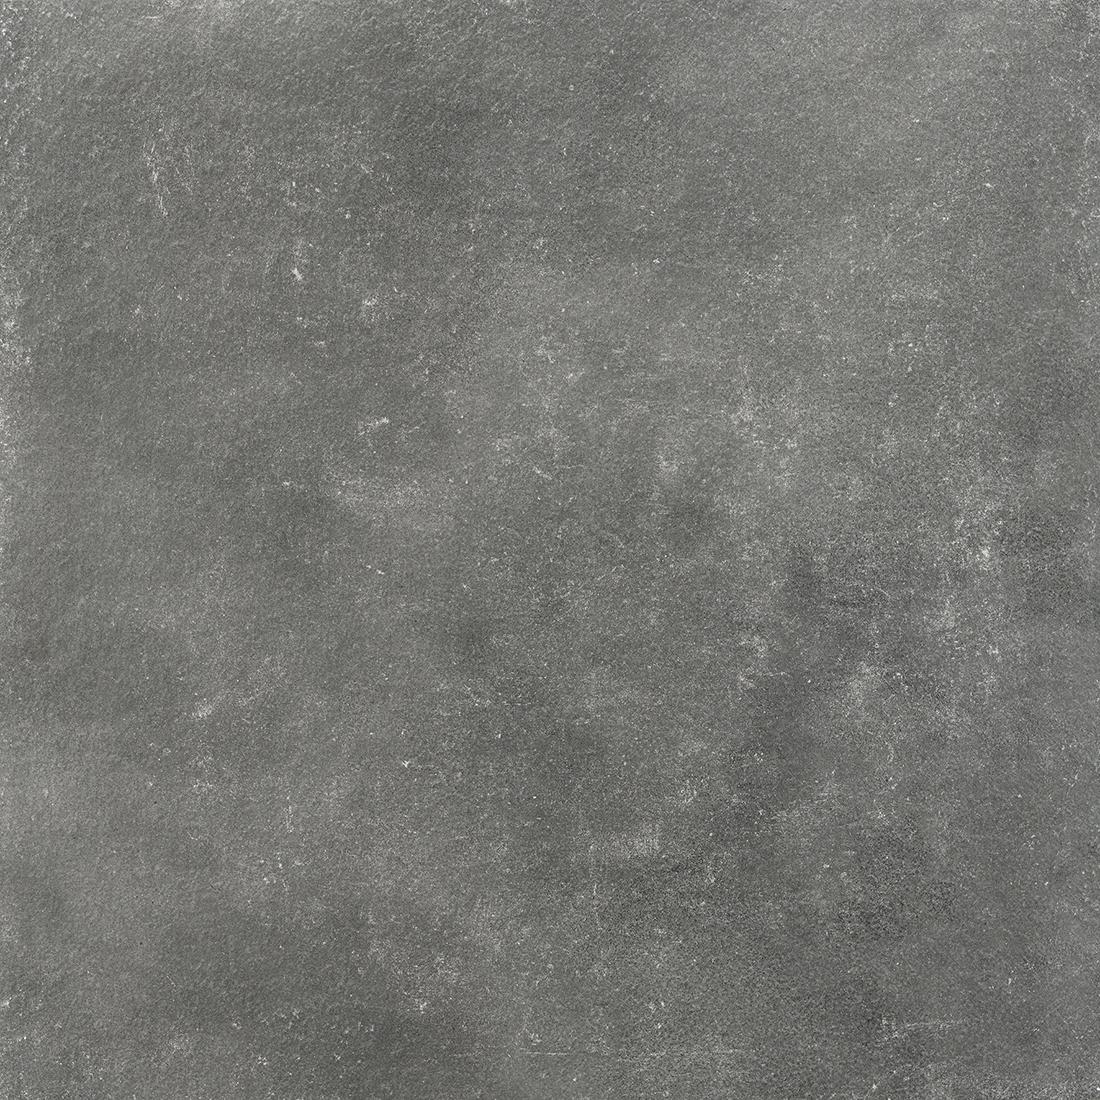 Assen 60x60x2 Graphite Matt R11 1